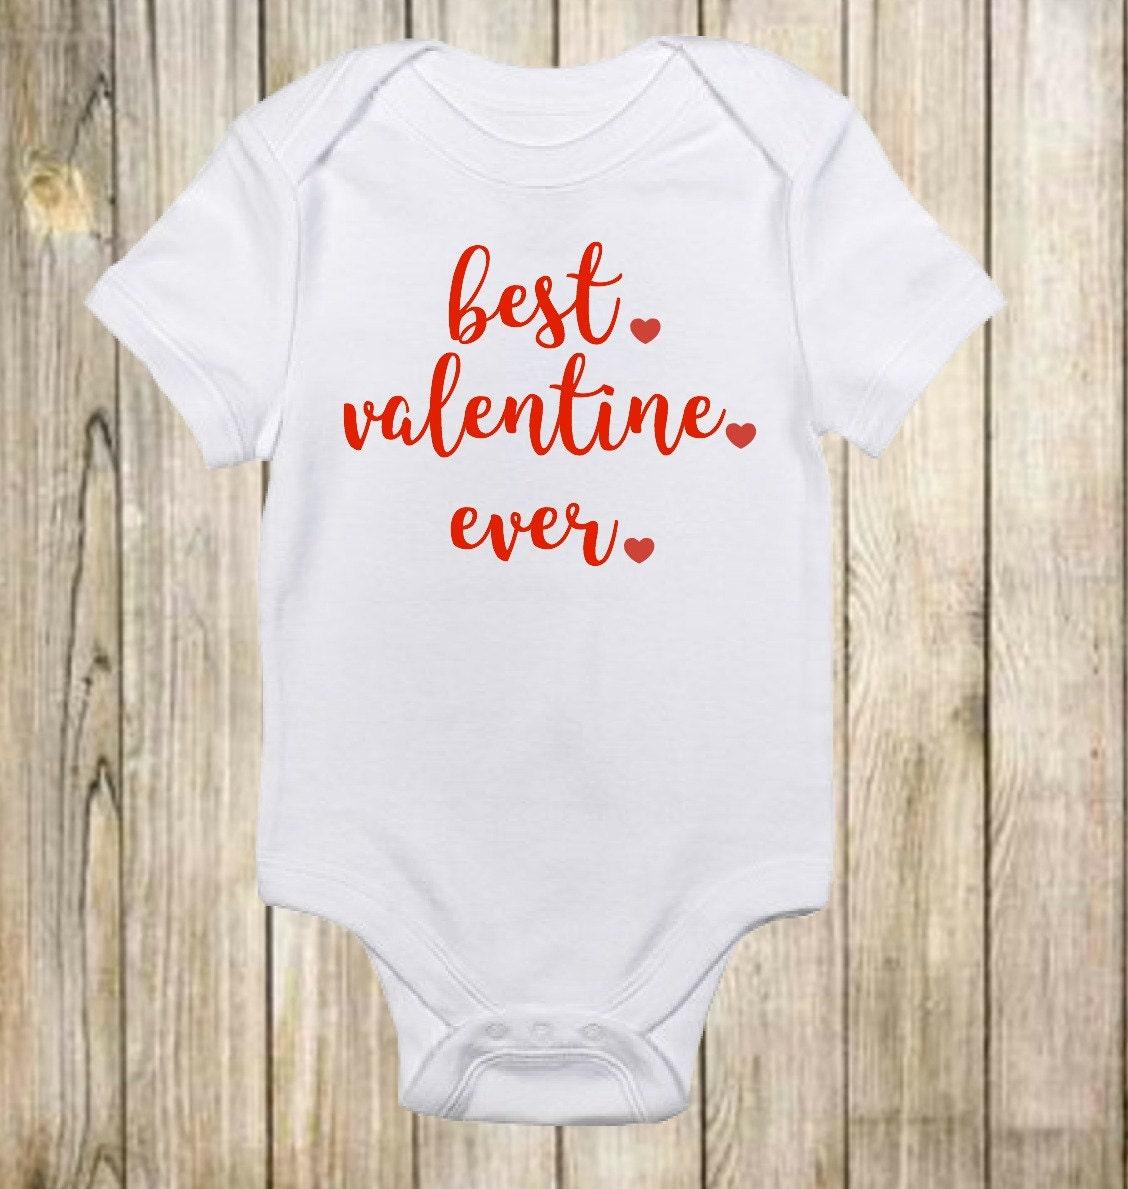 Valentine day onesie | Etsy